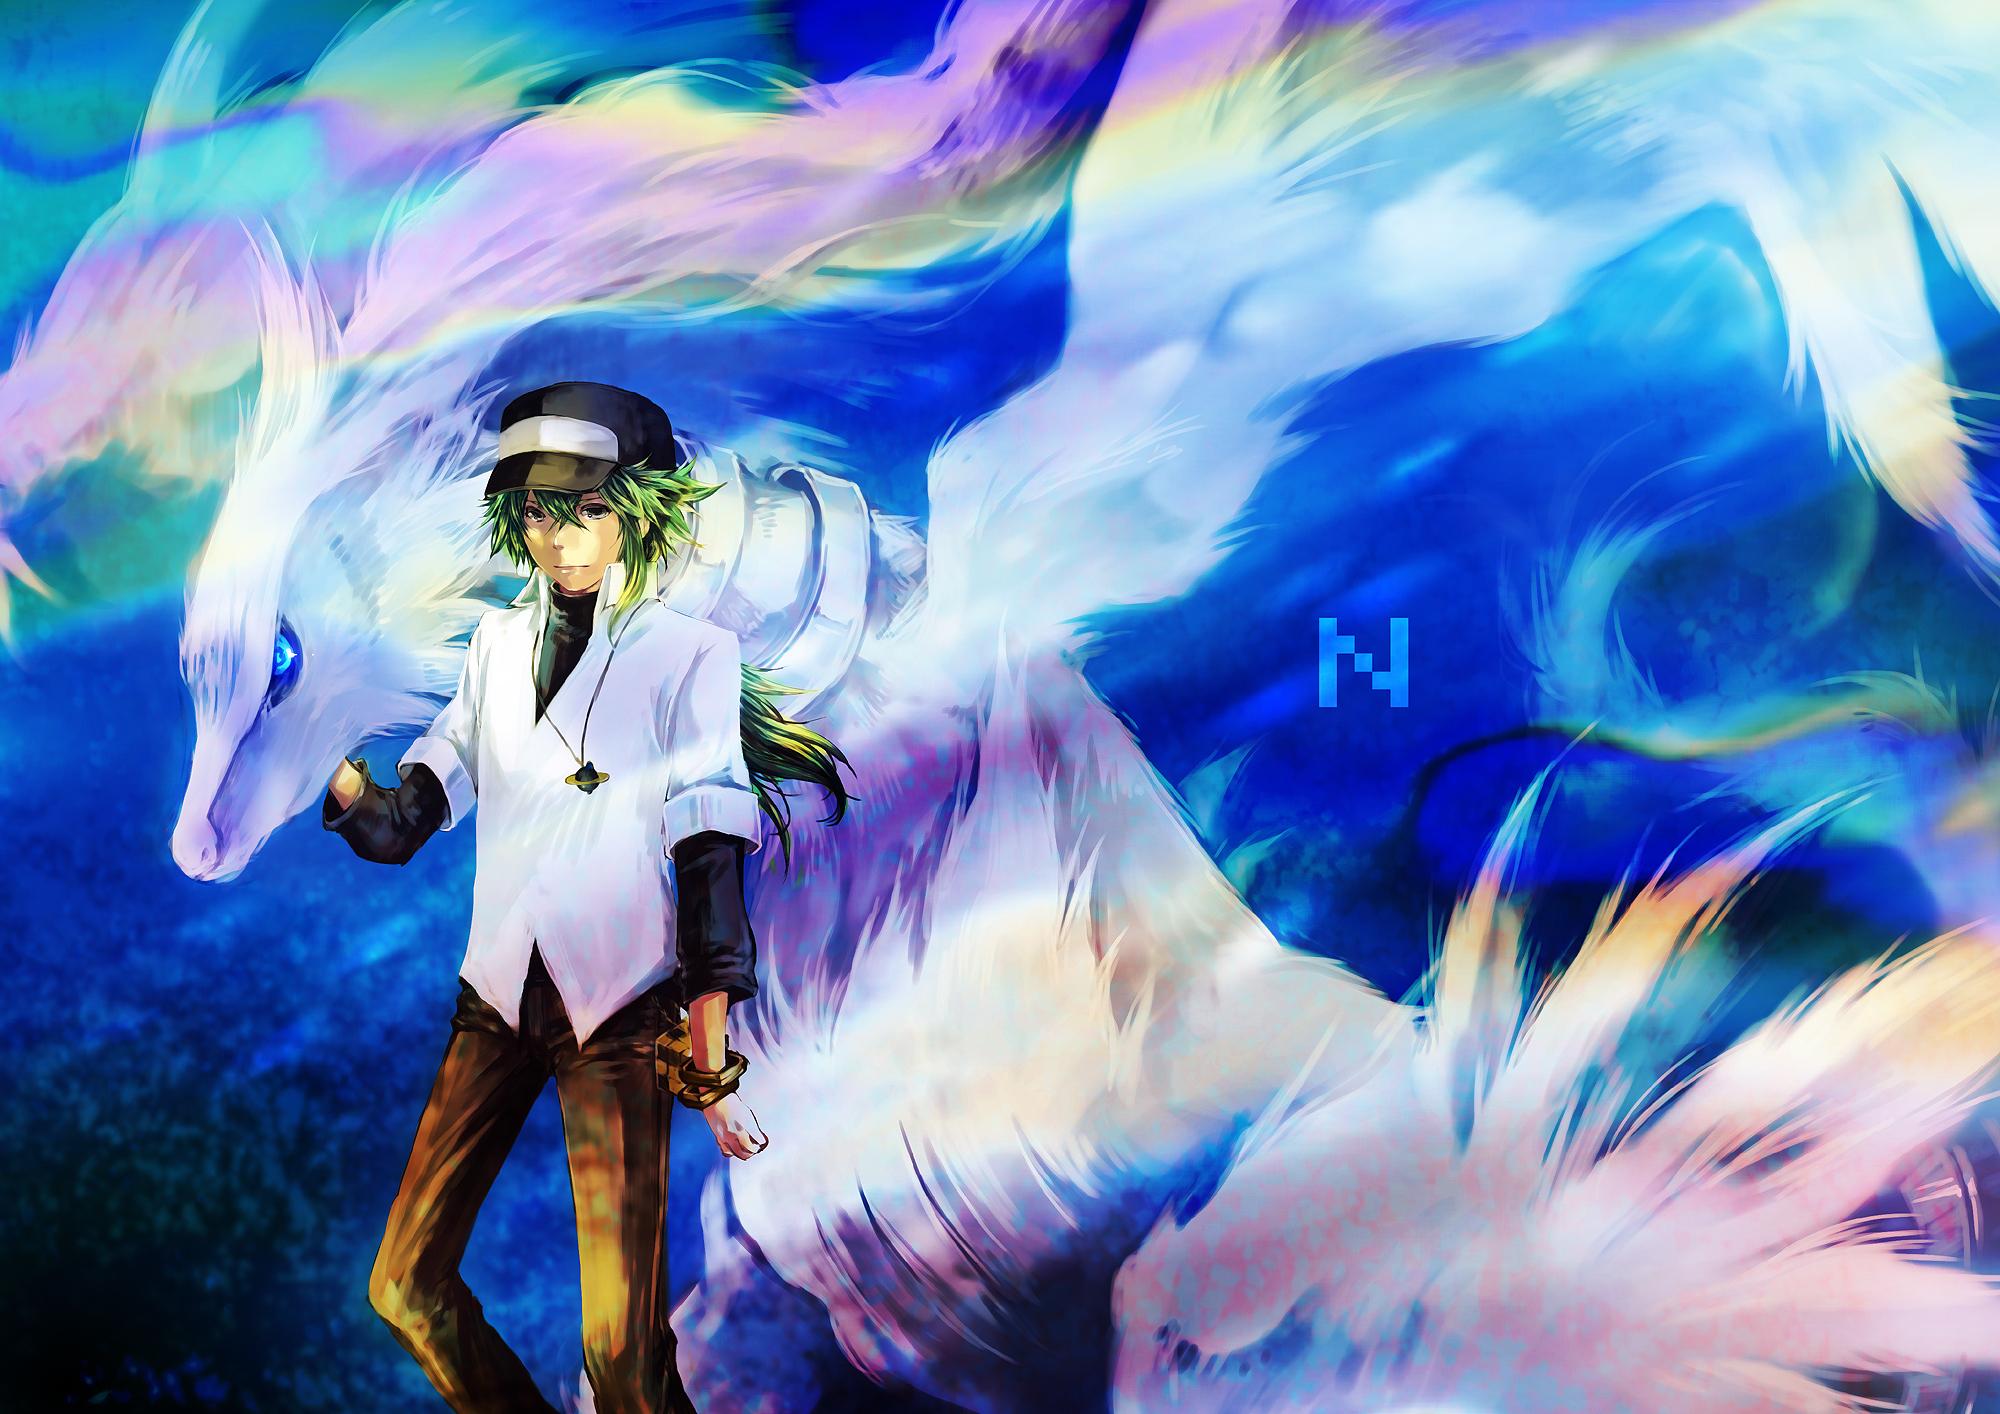 Anime pokemon boy dragon wallpaper | 2000x1414 | 38079 | WallpaperUP